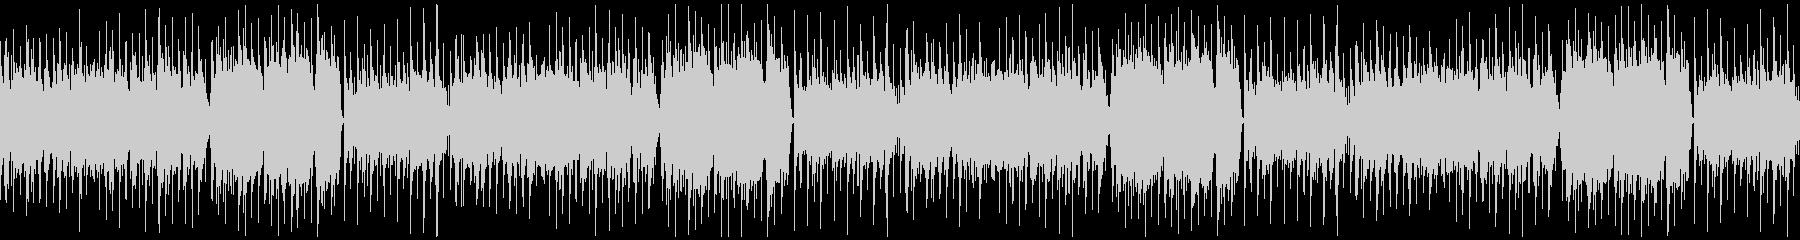 優しく可愛らしい、マンドリンのフォーク曲の未再生の波形